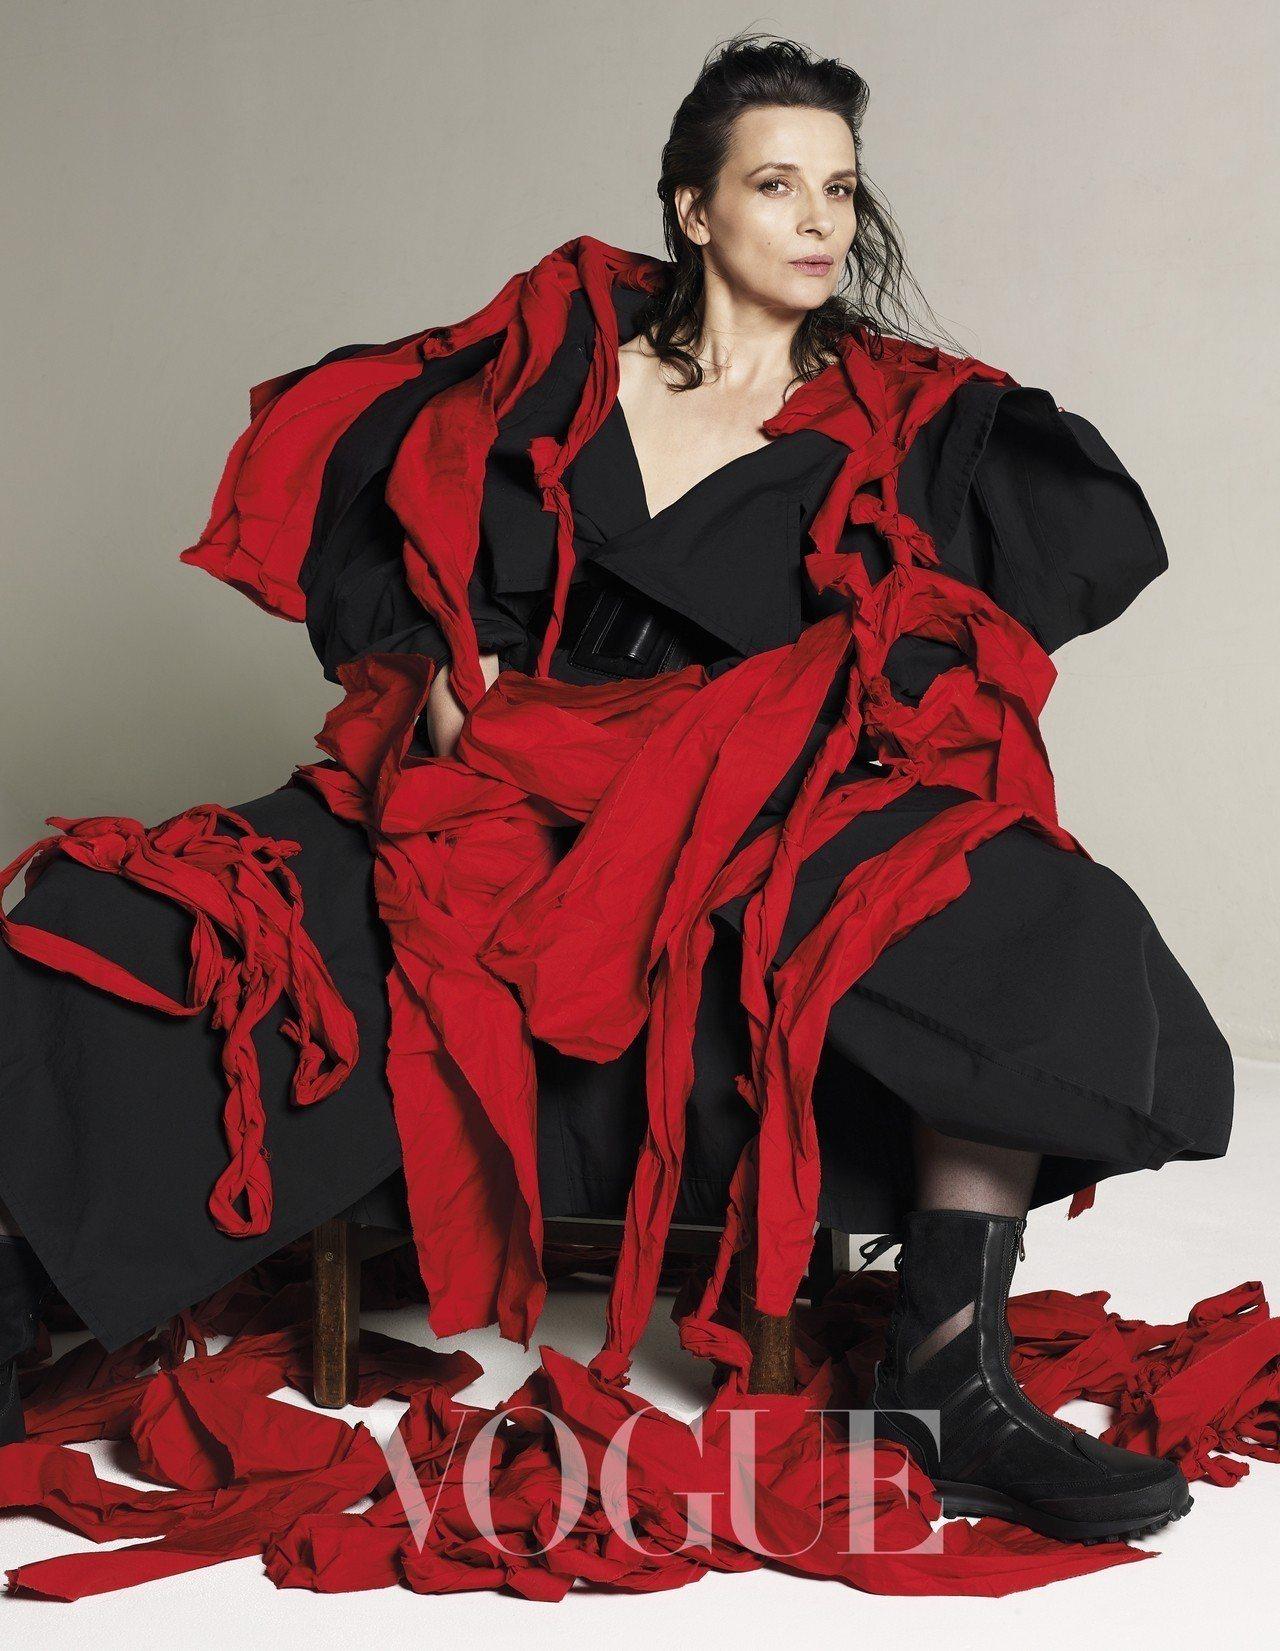 黑色闊肩襯衫、紅色披巾(Yohji Yamamoto)